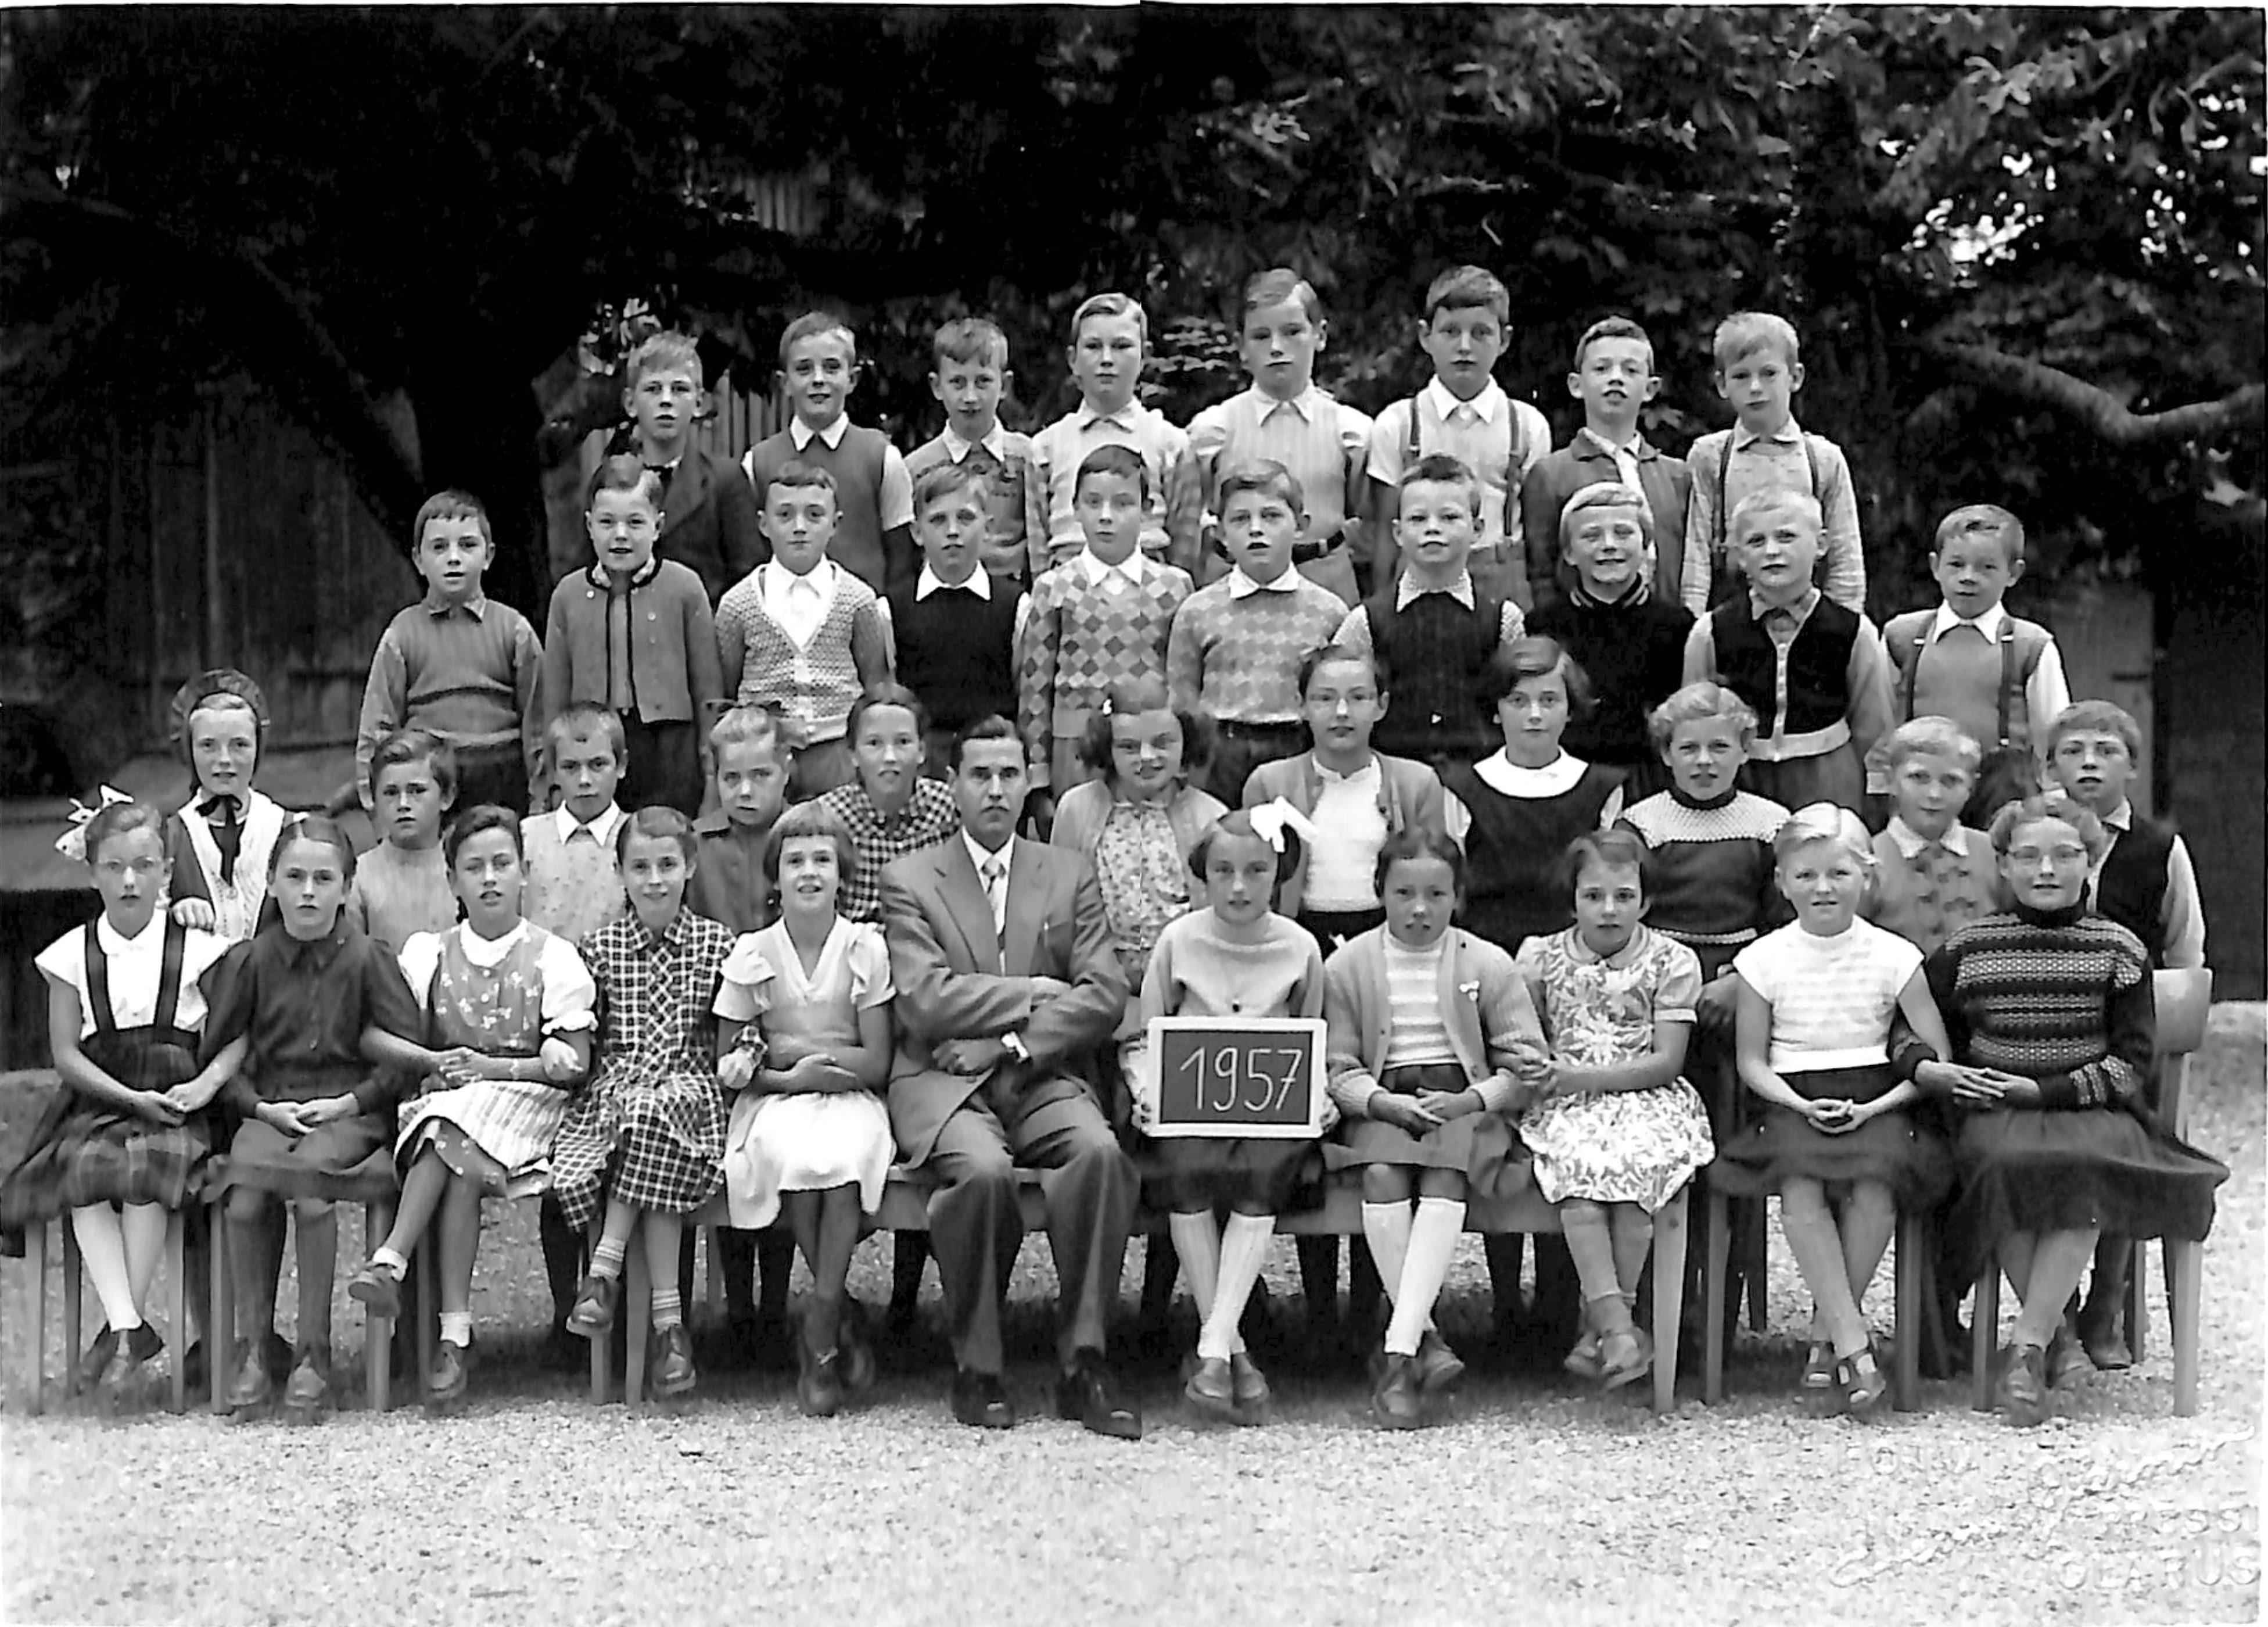 Primarschule in den 1950iger Jahren: kurzer Erlebniskalender